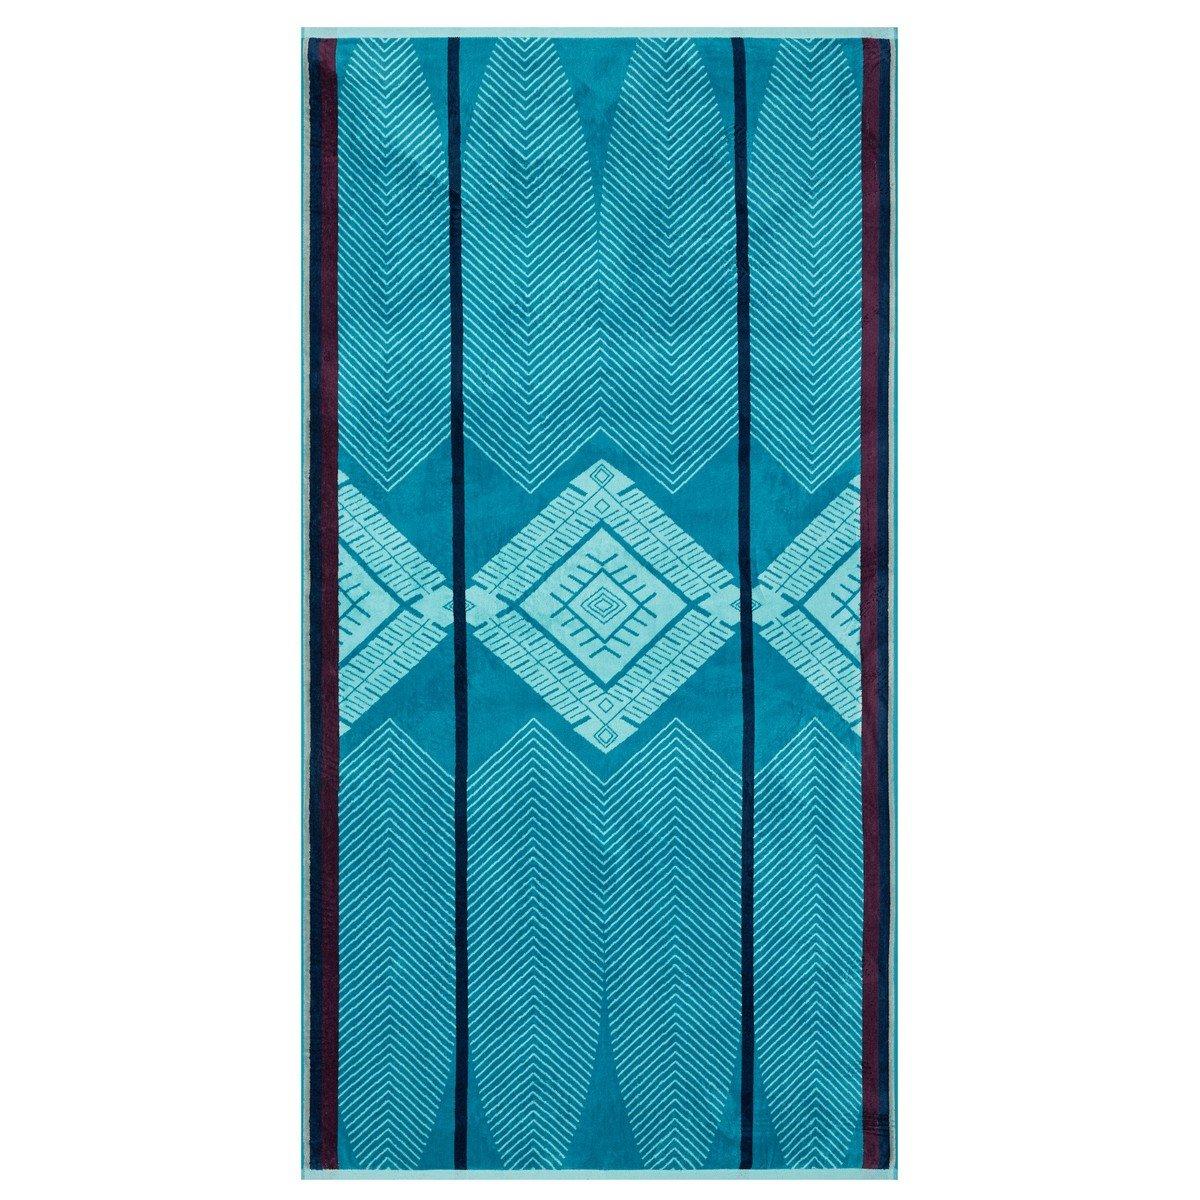 Le Jacquard Francais 23323 toalla de playa Mombasa algodón peinado lago 100 x 200 x 0.1 cm: Amazon.es: Hogar